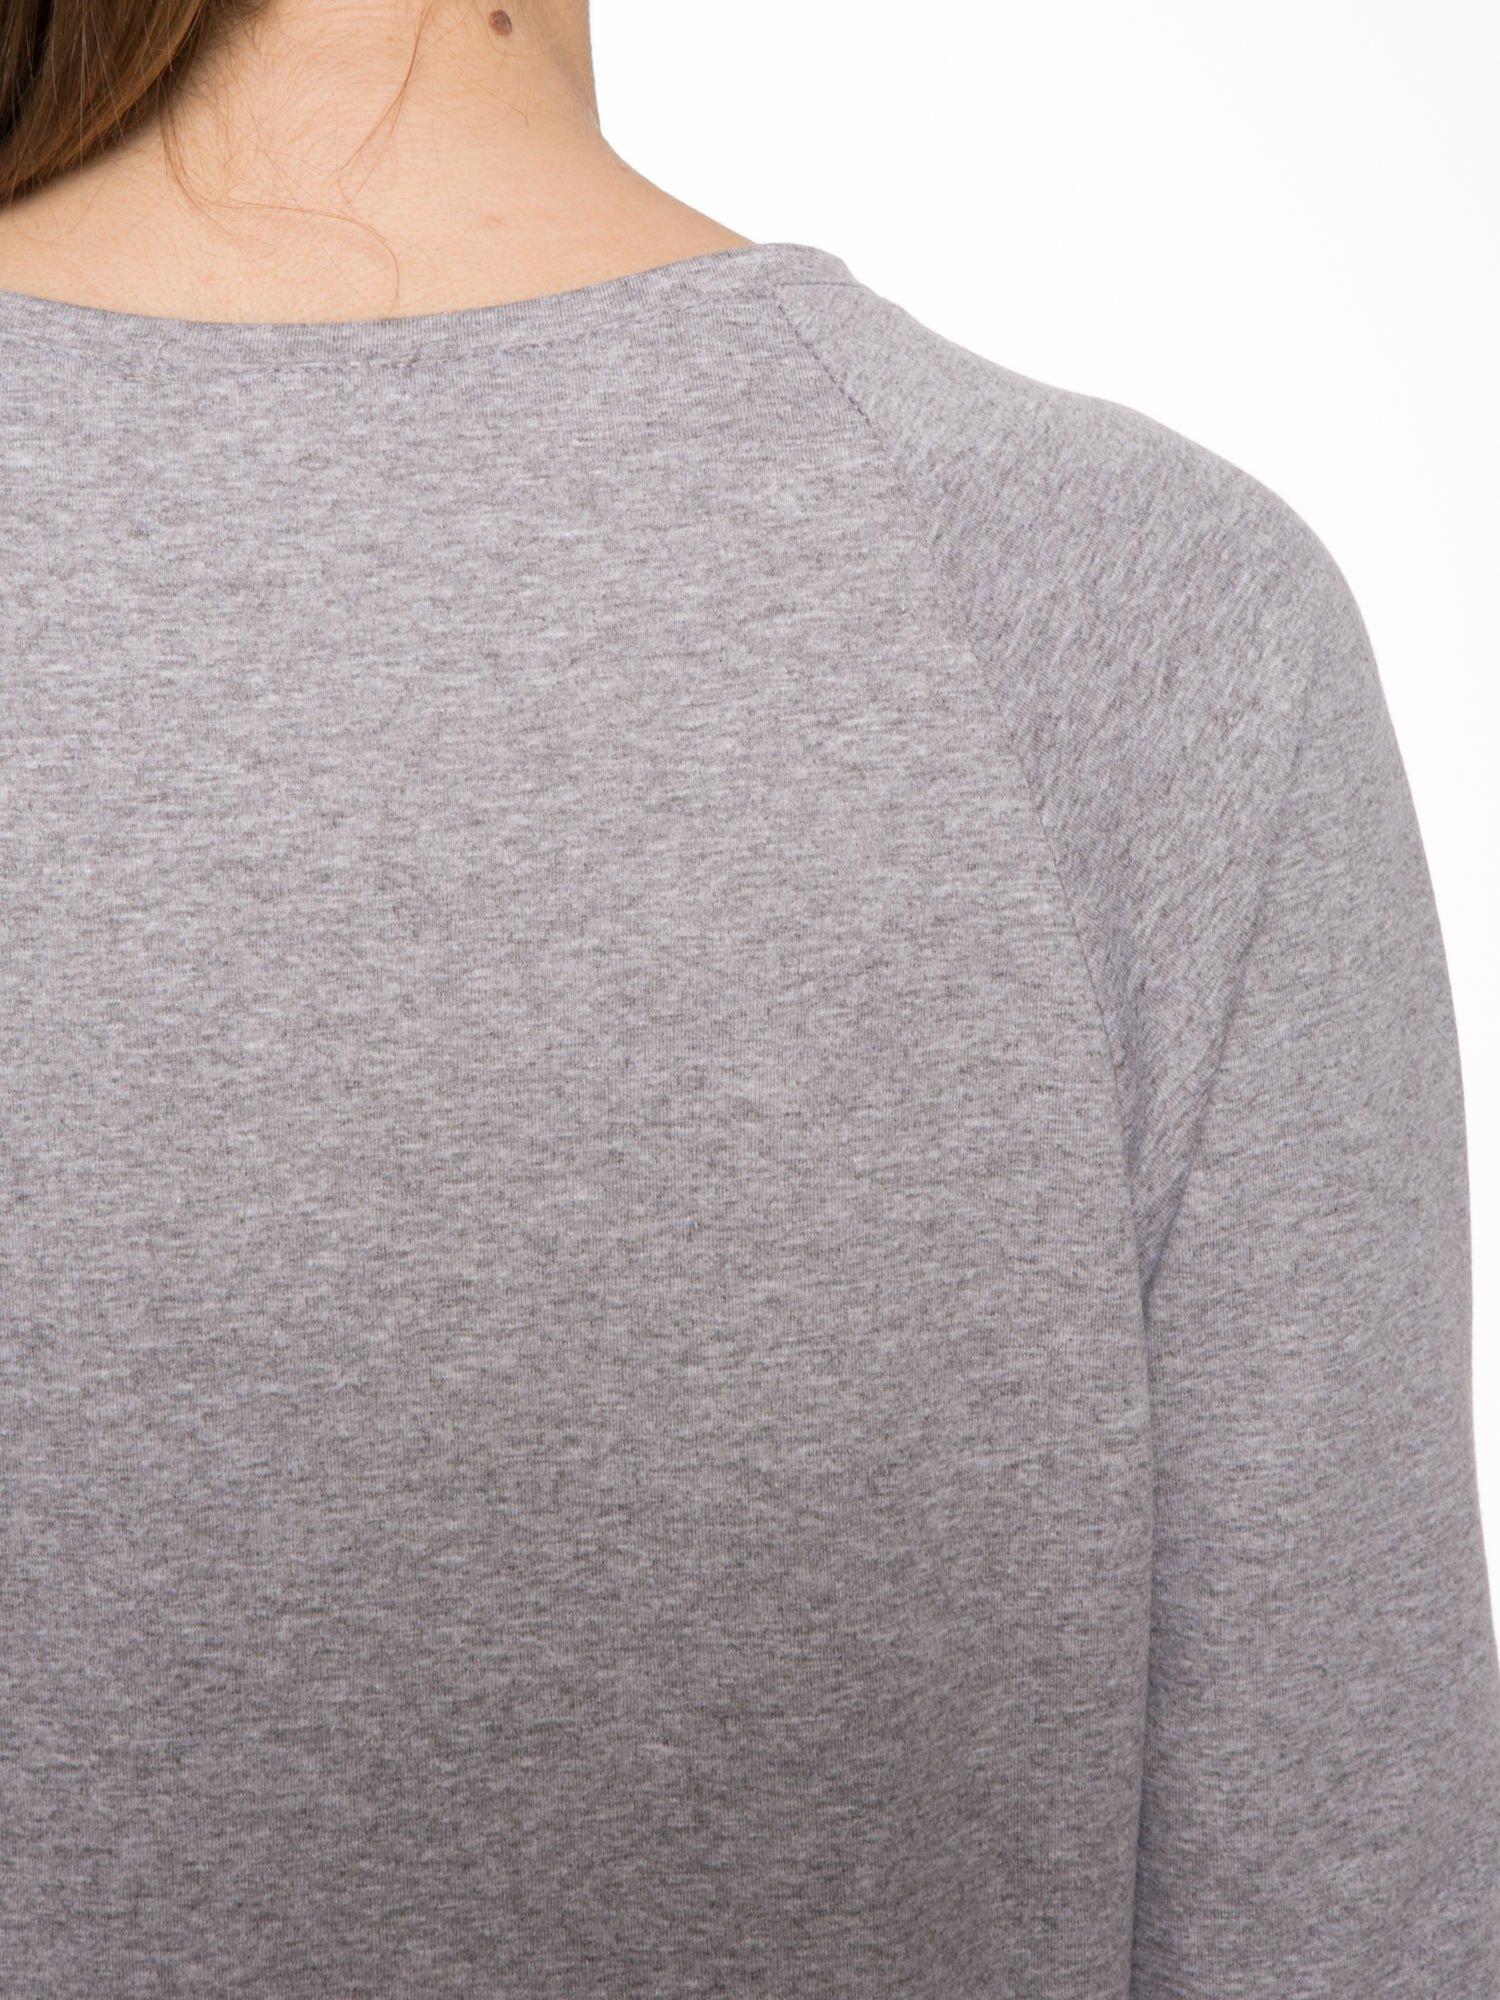 Szara dresowa bluza z nadrukiem kota i napisem RĘCE DO GÓRY                                  zdj.                                  7